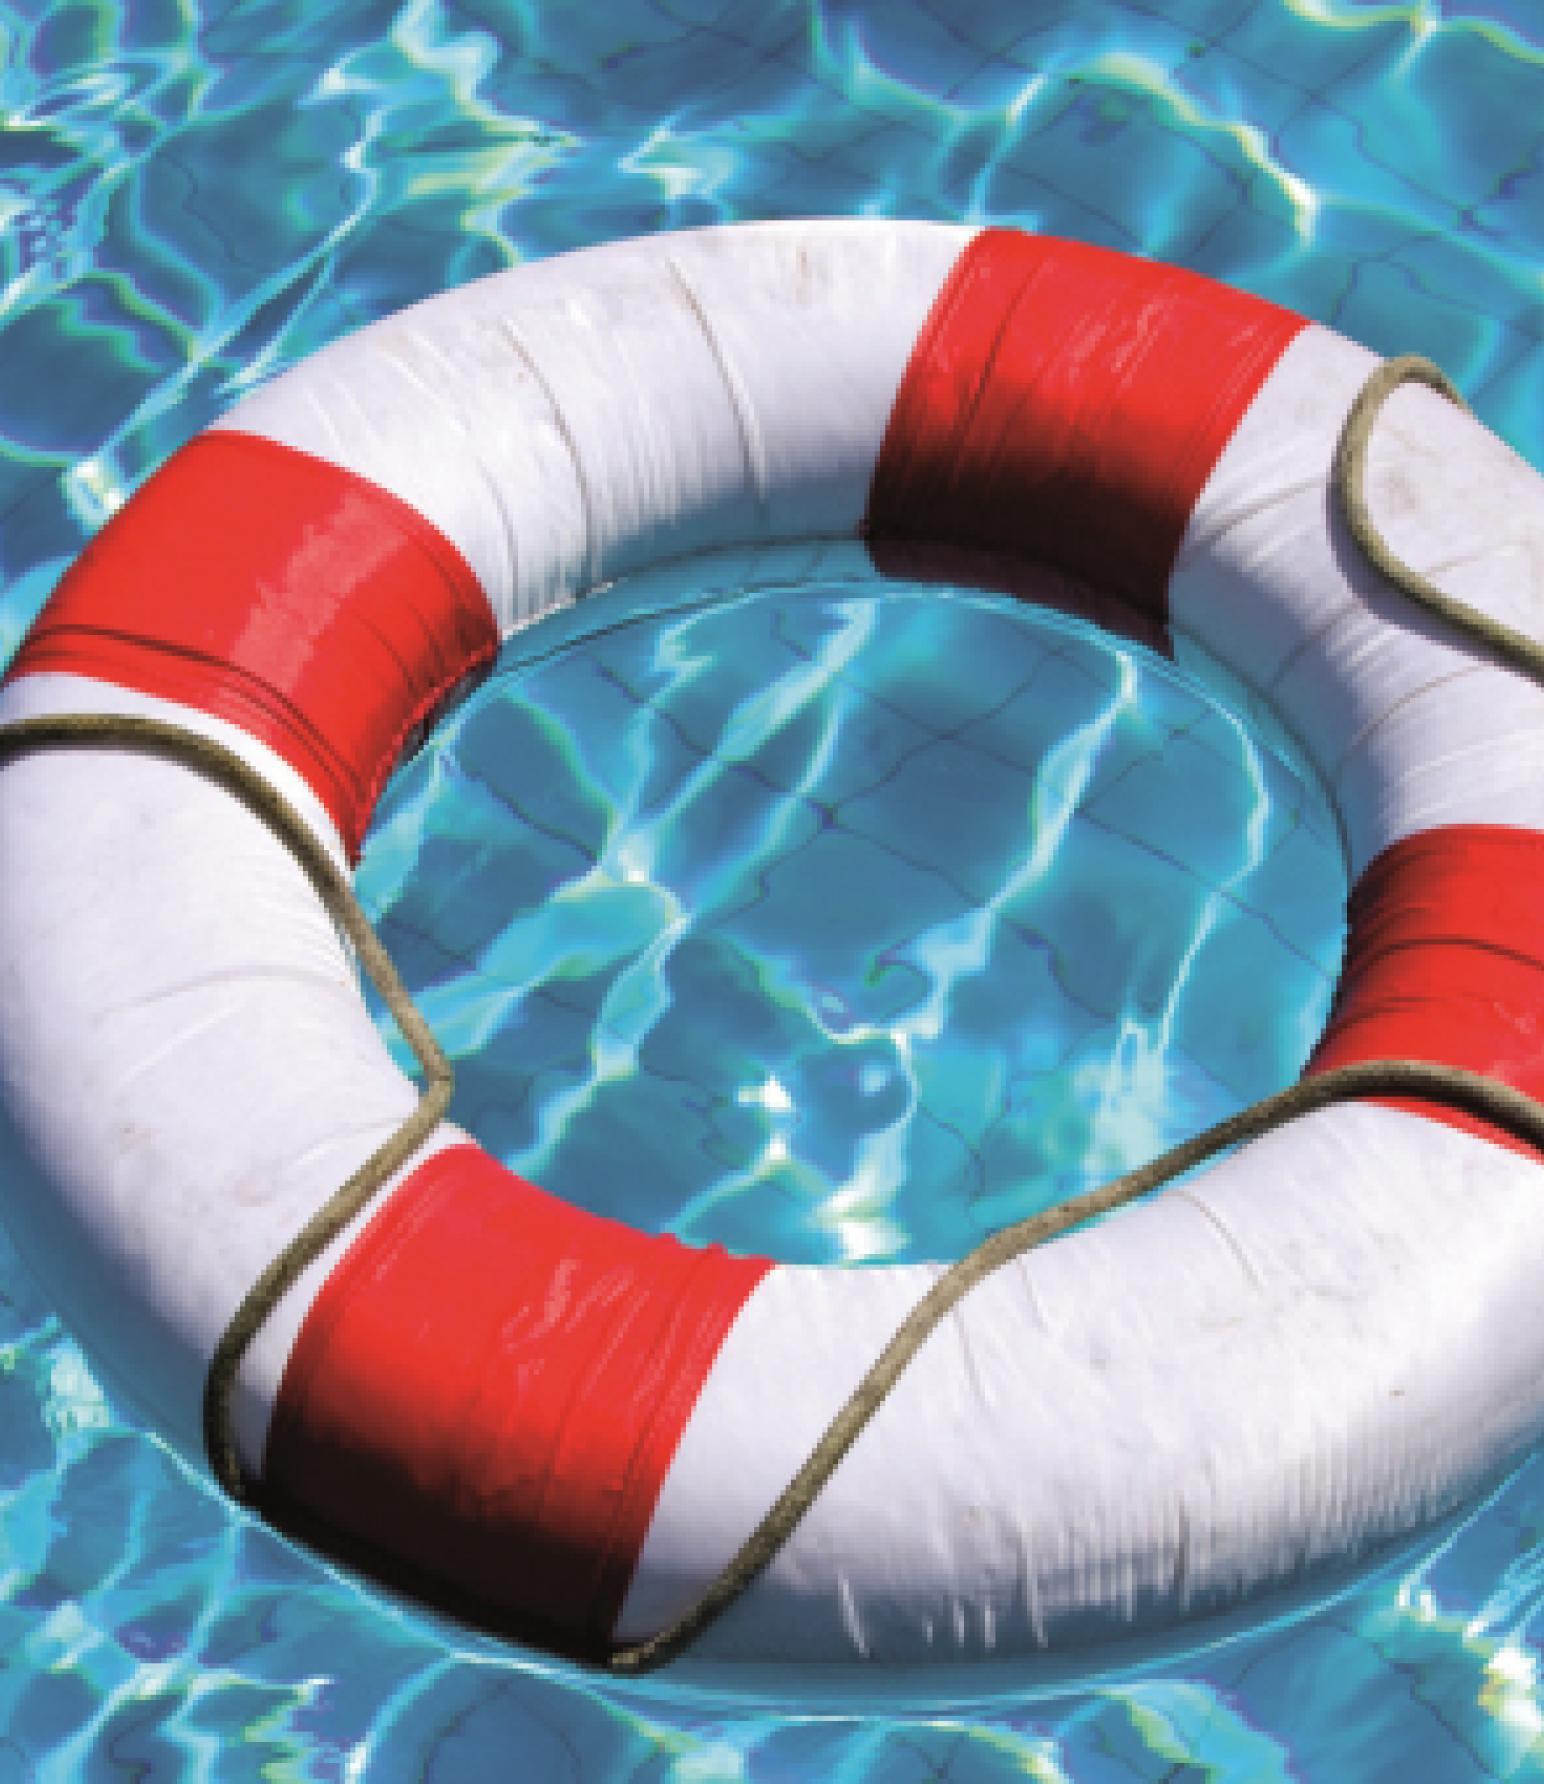 Rettungsring im Schwimmbad